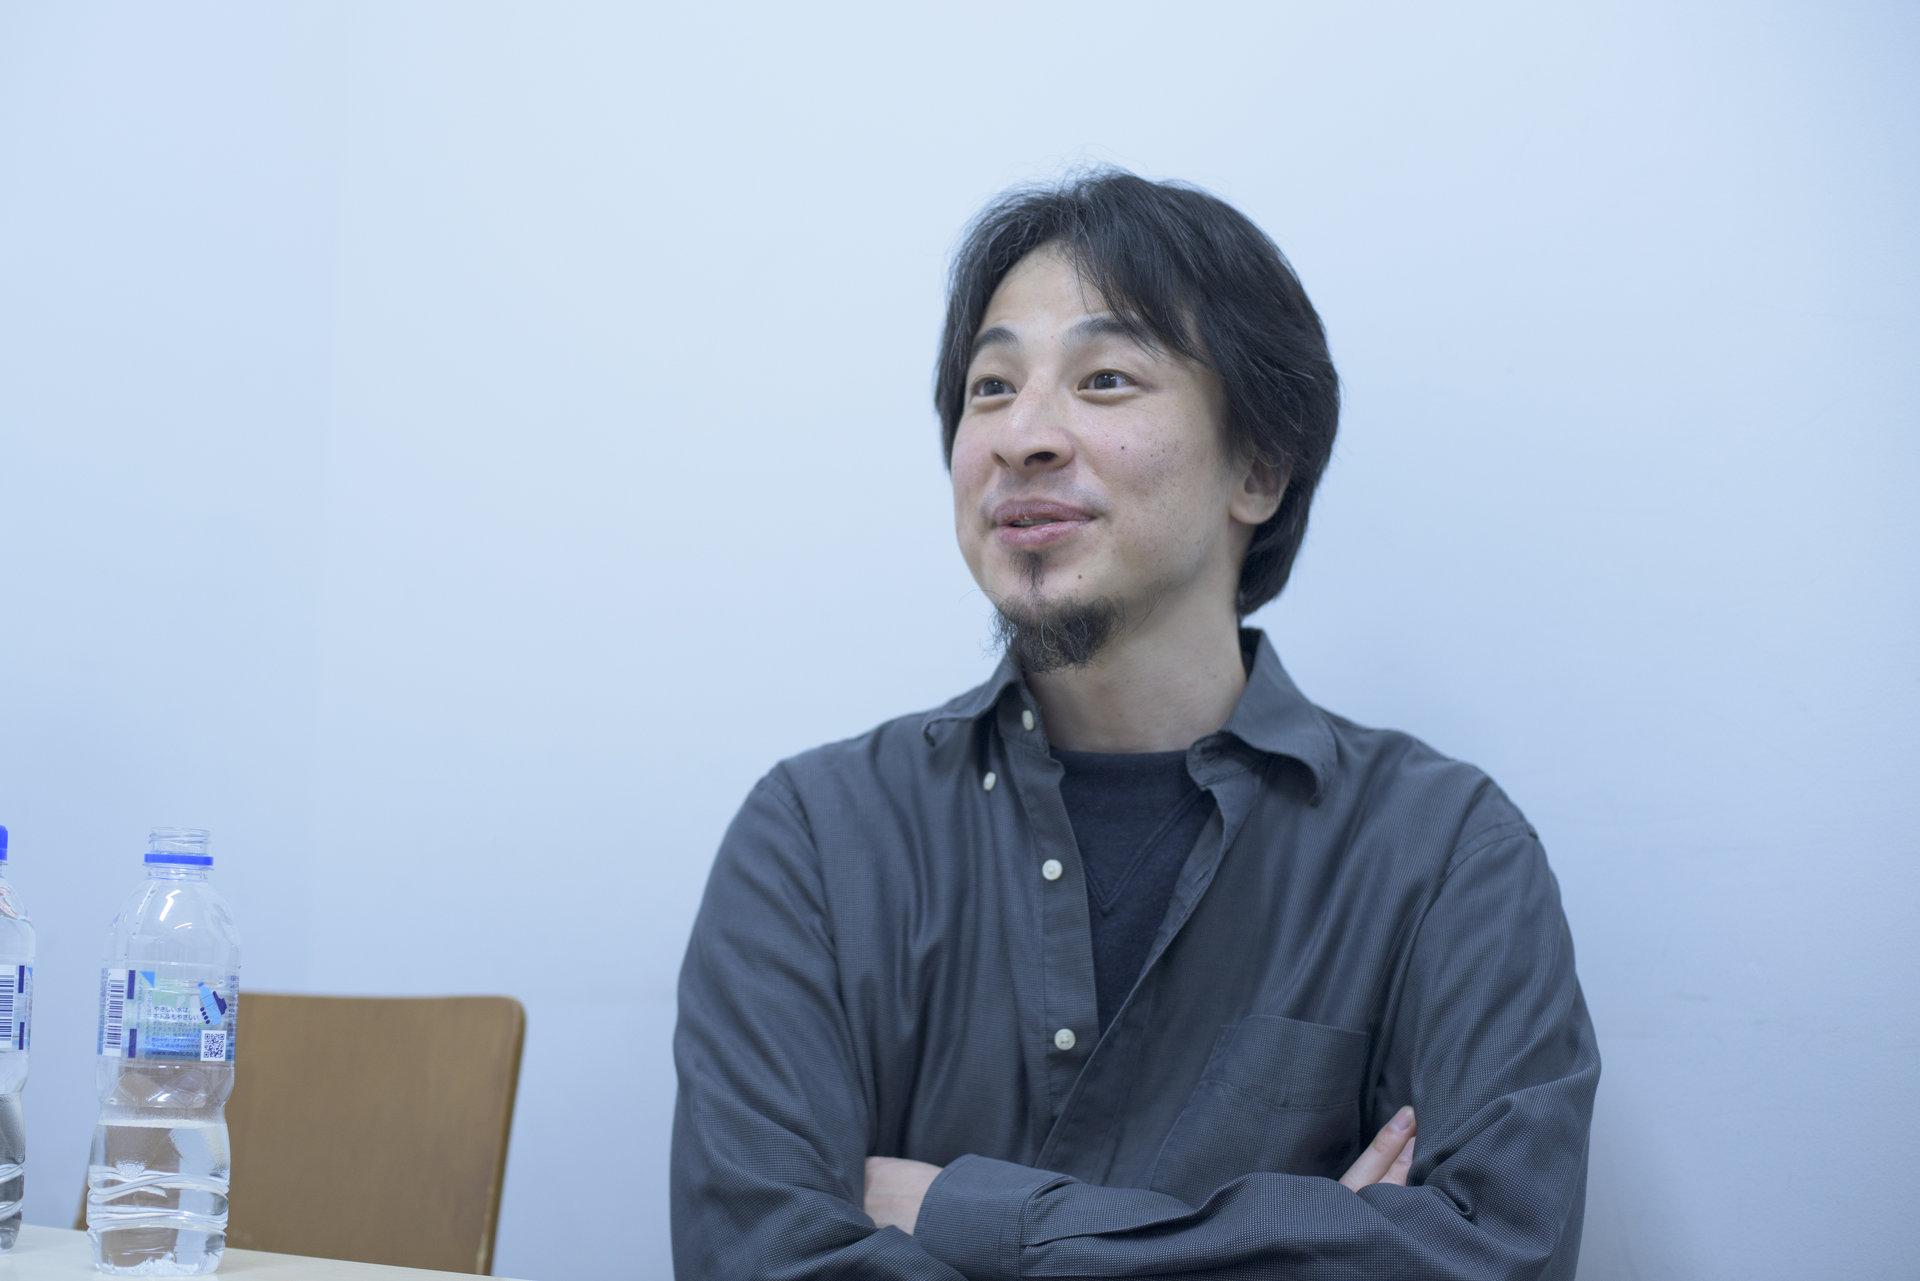 """ひろゆき流""""オワコン日本""""の幸福論―― 他人とズレていたほうが幸せに ..."""